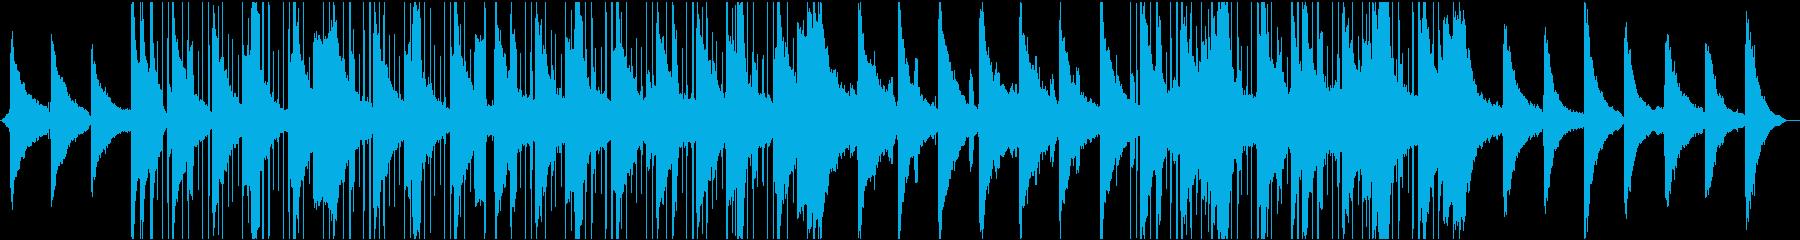 セクシーなスローエレクトロミュージックの再生済みの波形